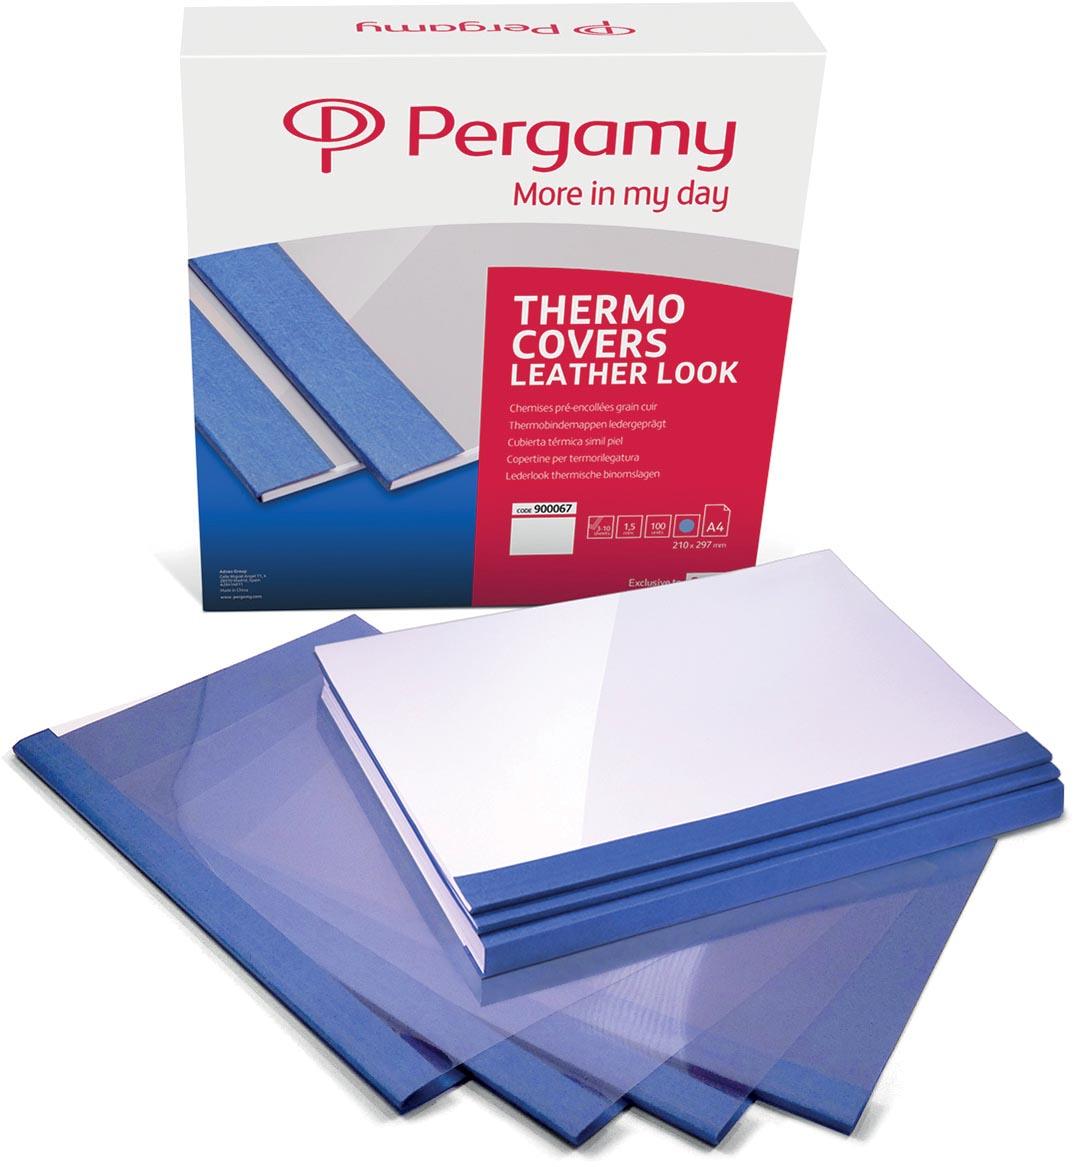 Pergamy thermische omslagen ft A4, 1,5 mm, pak van 100 stuks, lederlook, blauw